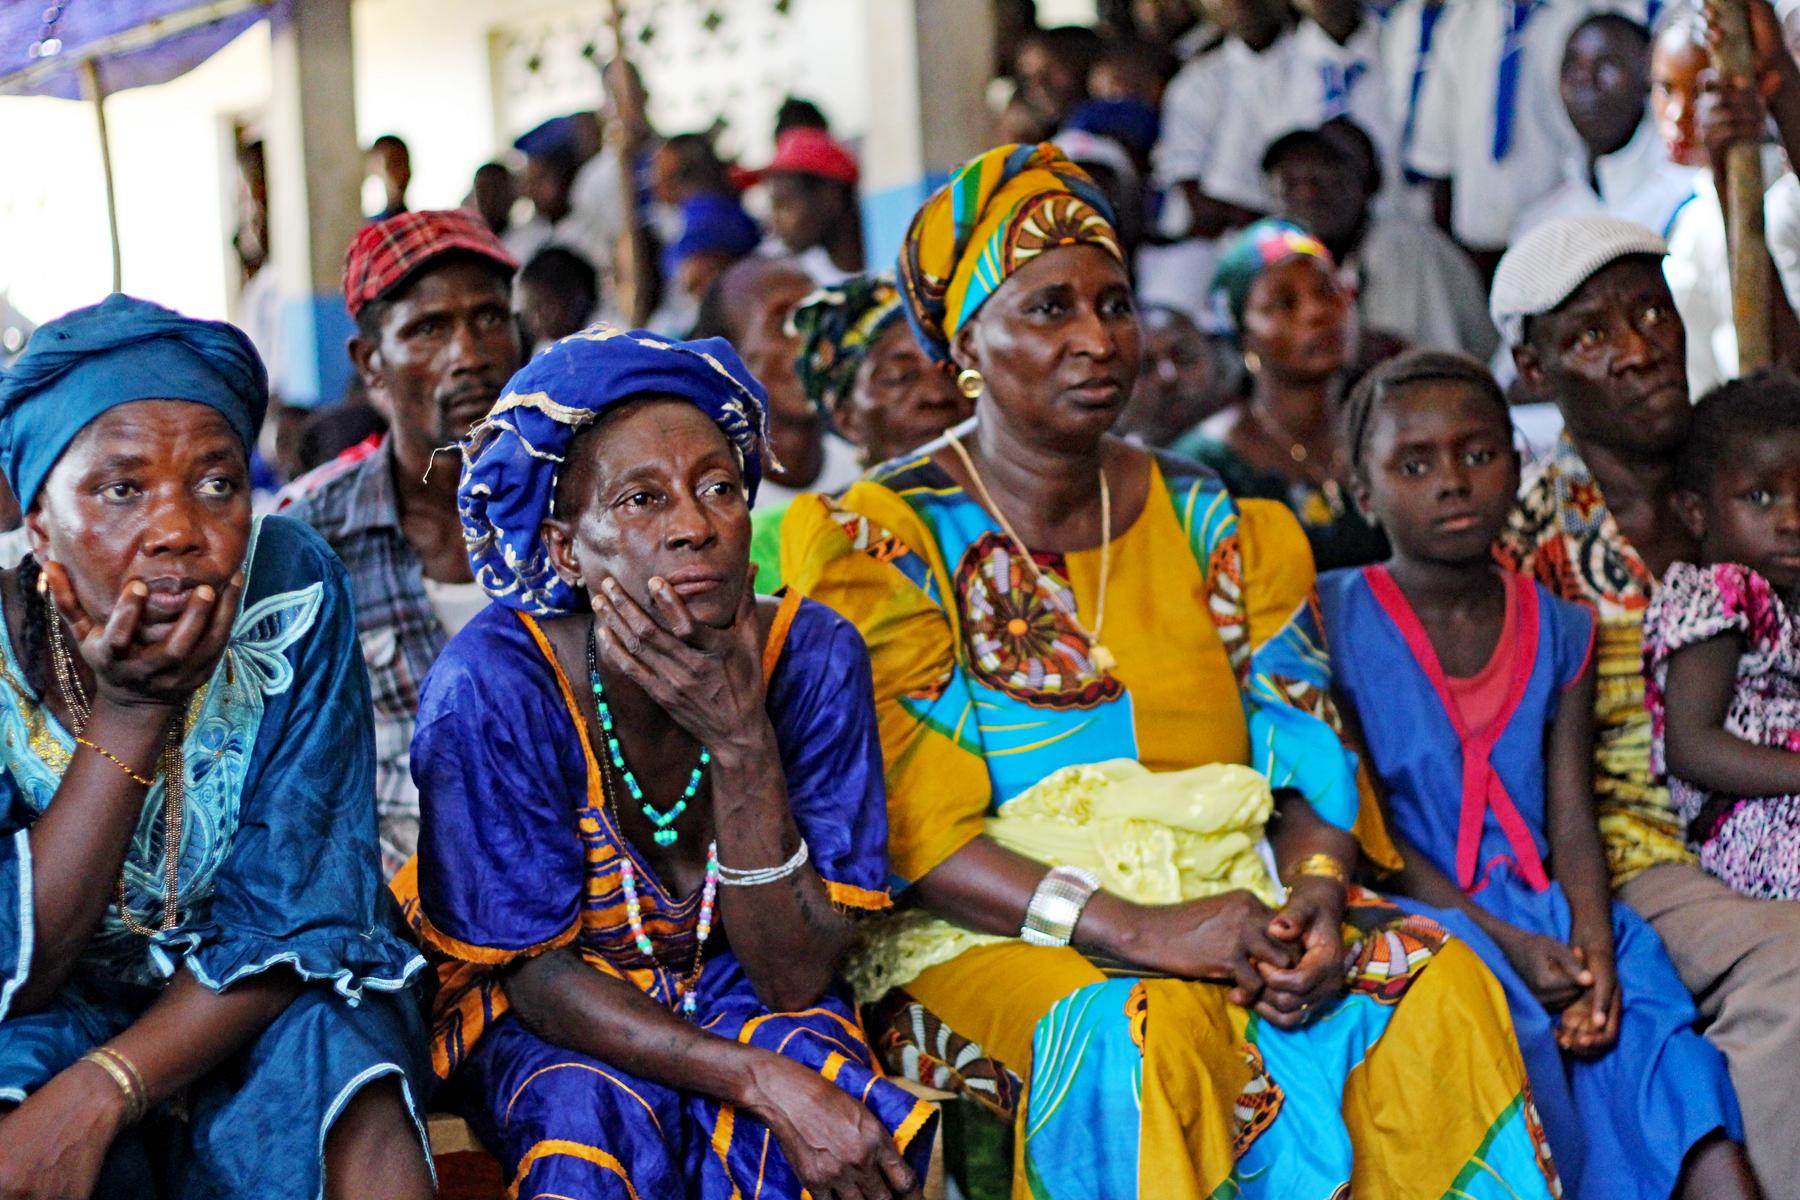 Die Bewohner*innen der Gemeinde Musaya bei einem Treffen mit Vertreter*innen des Forikolo e.V. im November 2016